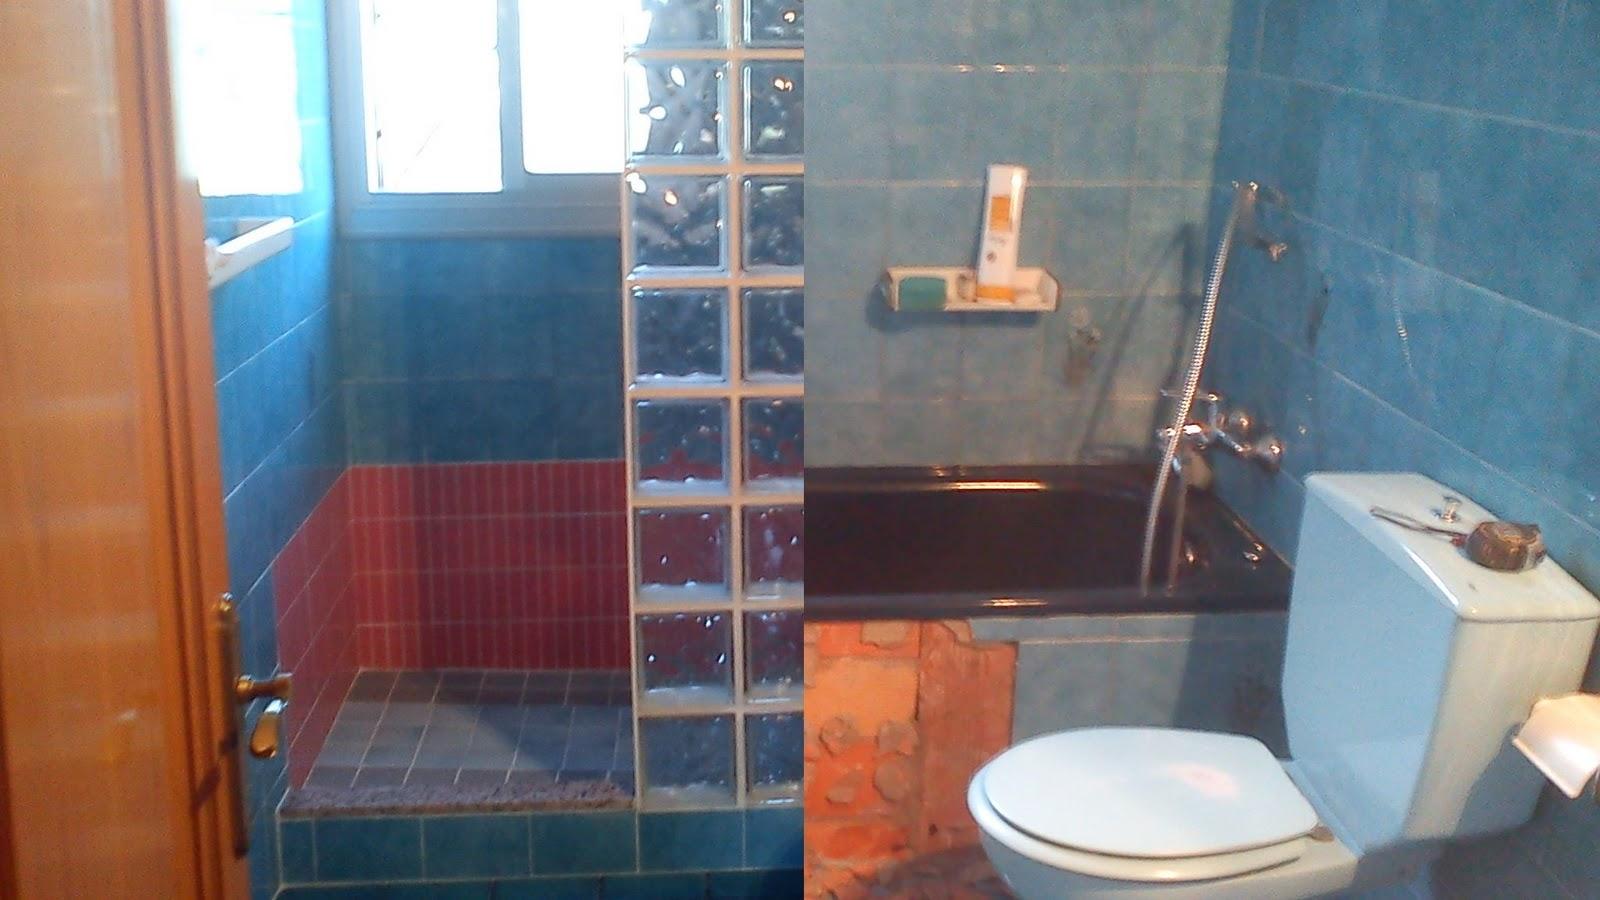 Reforma de ba era a plato de ducha de obra 2 fotos - Banera o plato de ducha ...